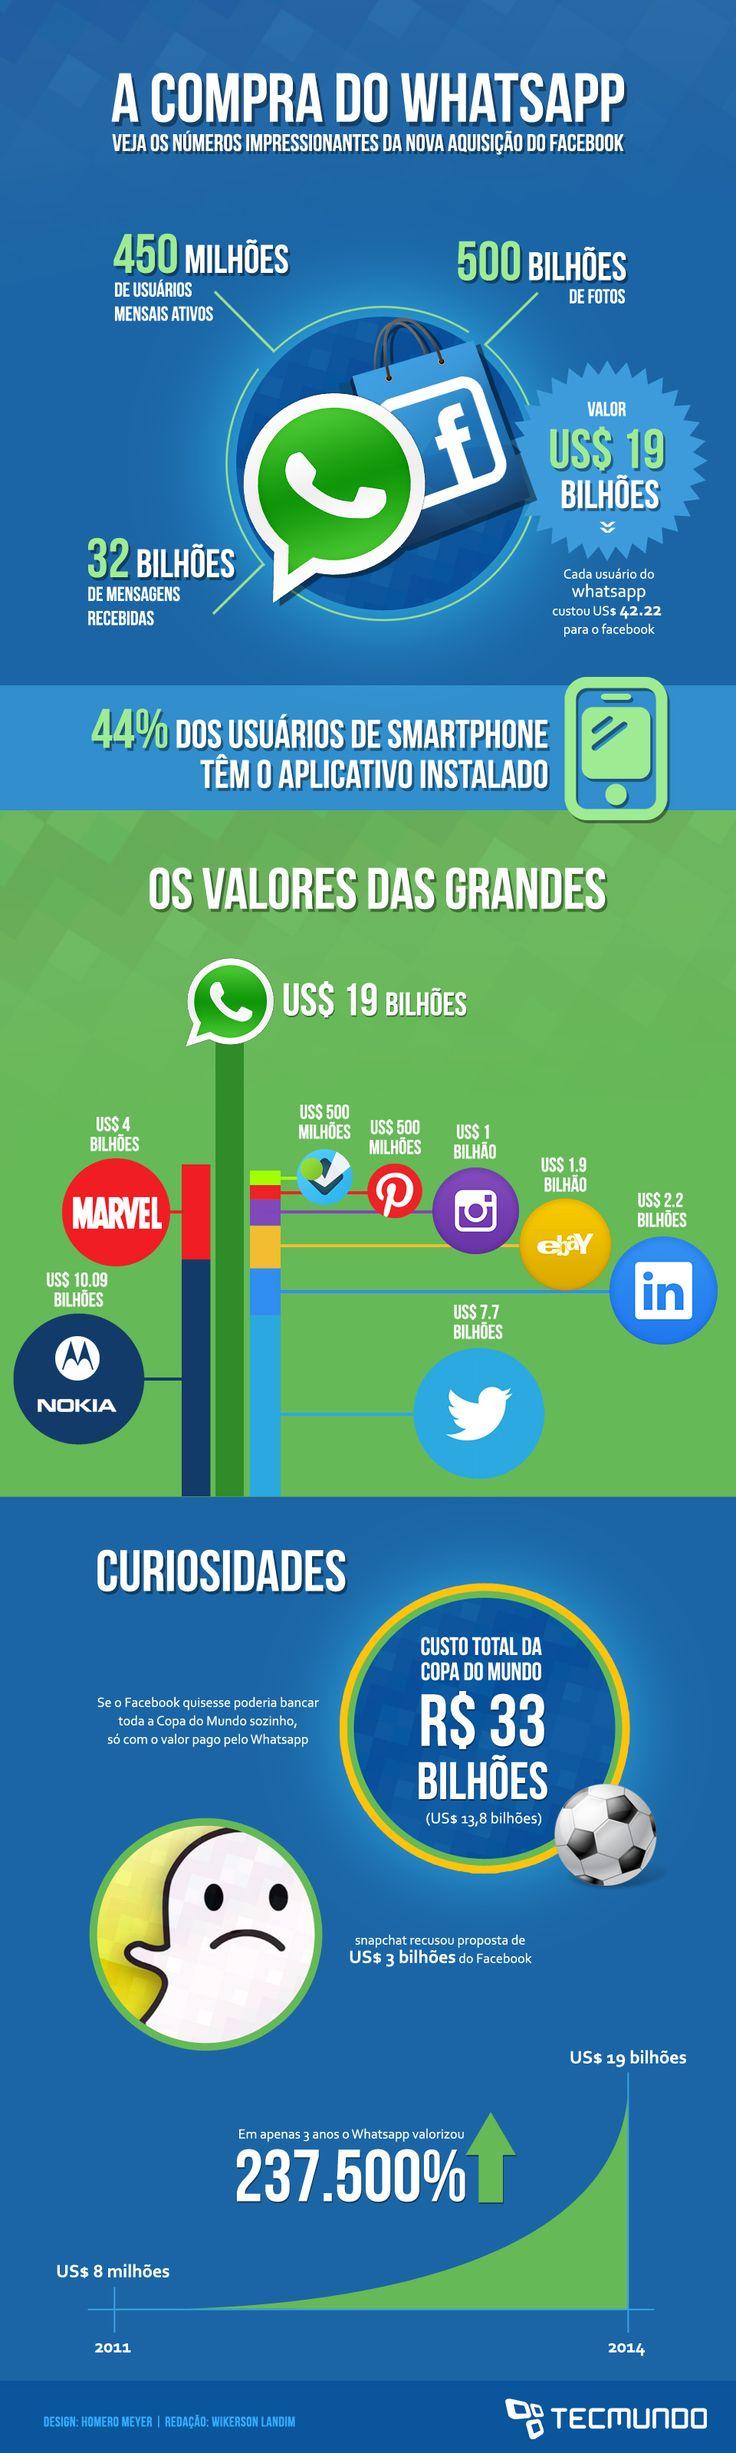 Infográfico - Tudo sobre a compra do WhatsApp pelo Facebook [infográfico]